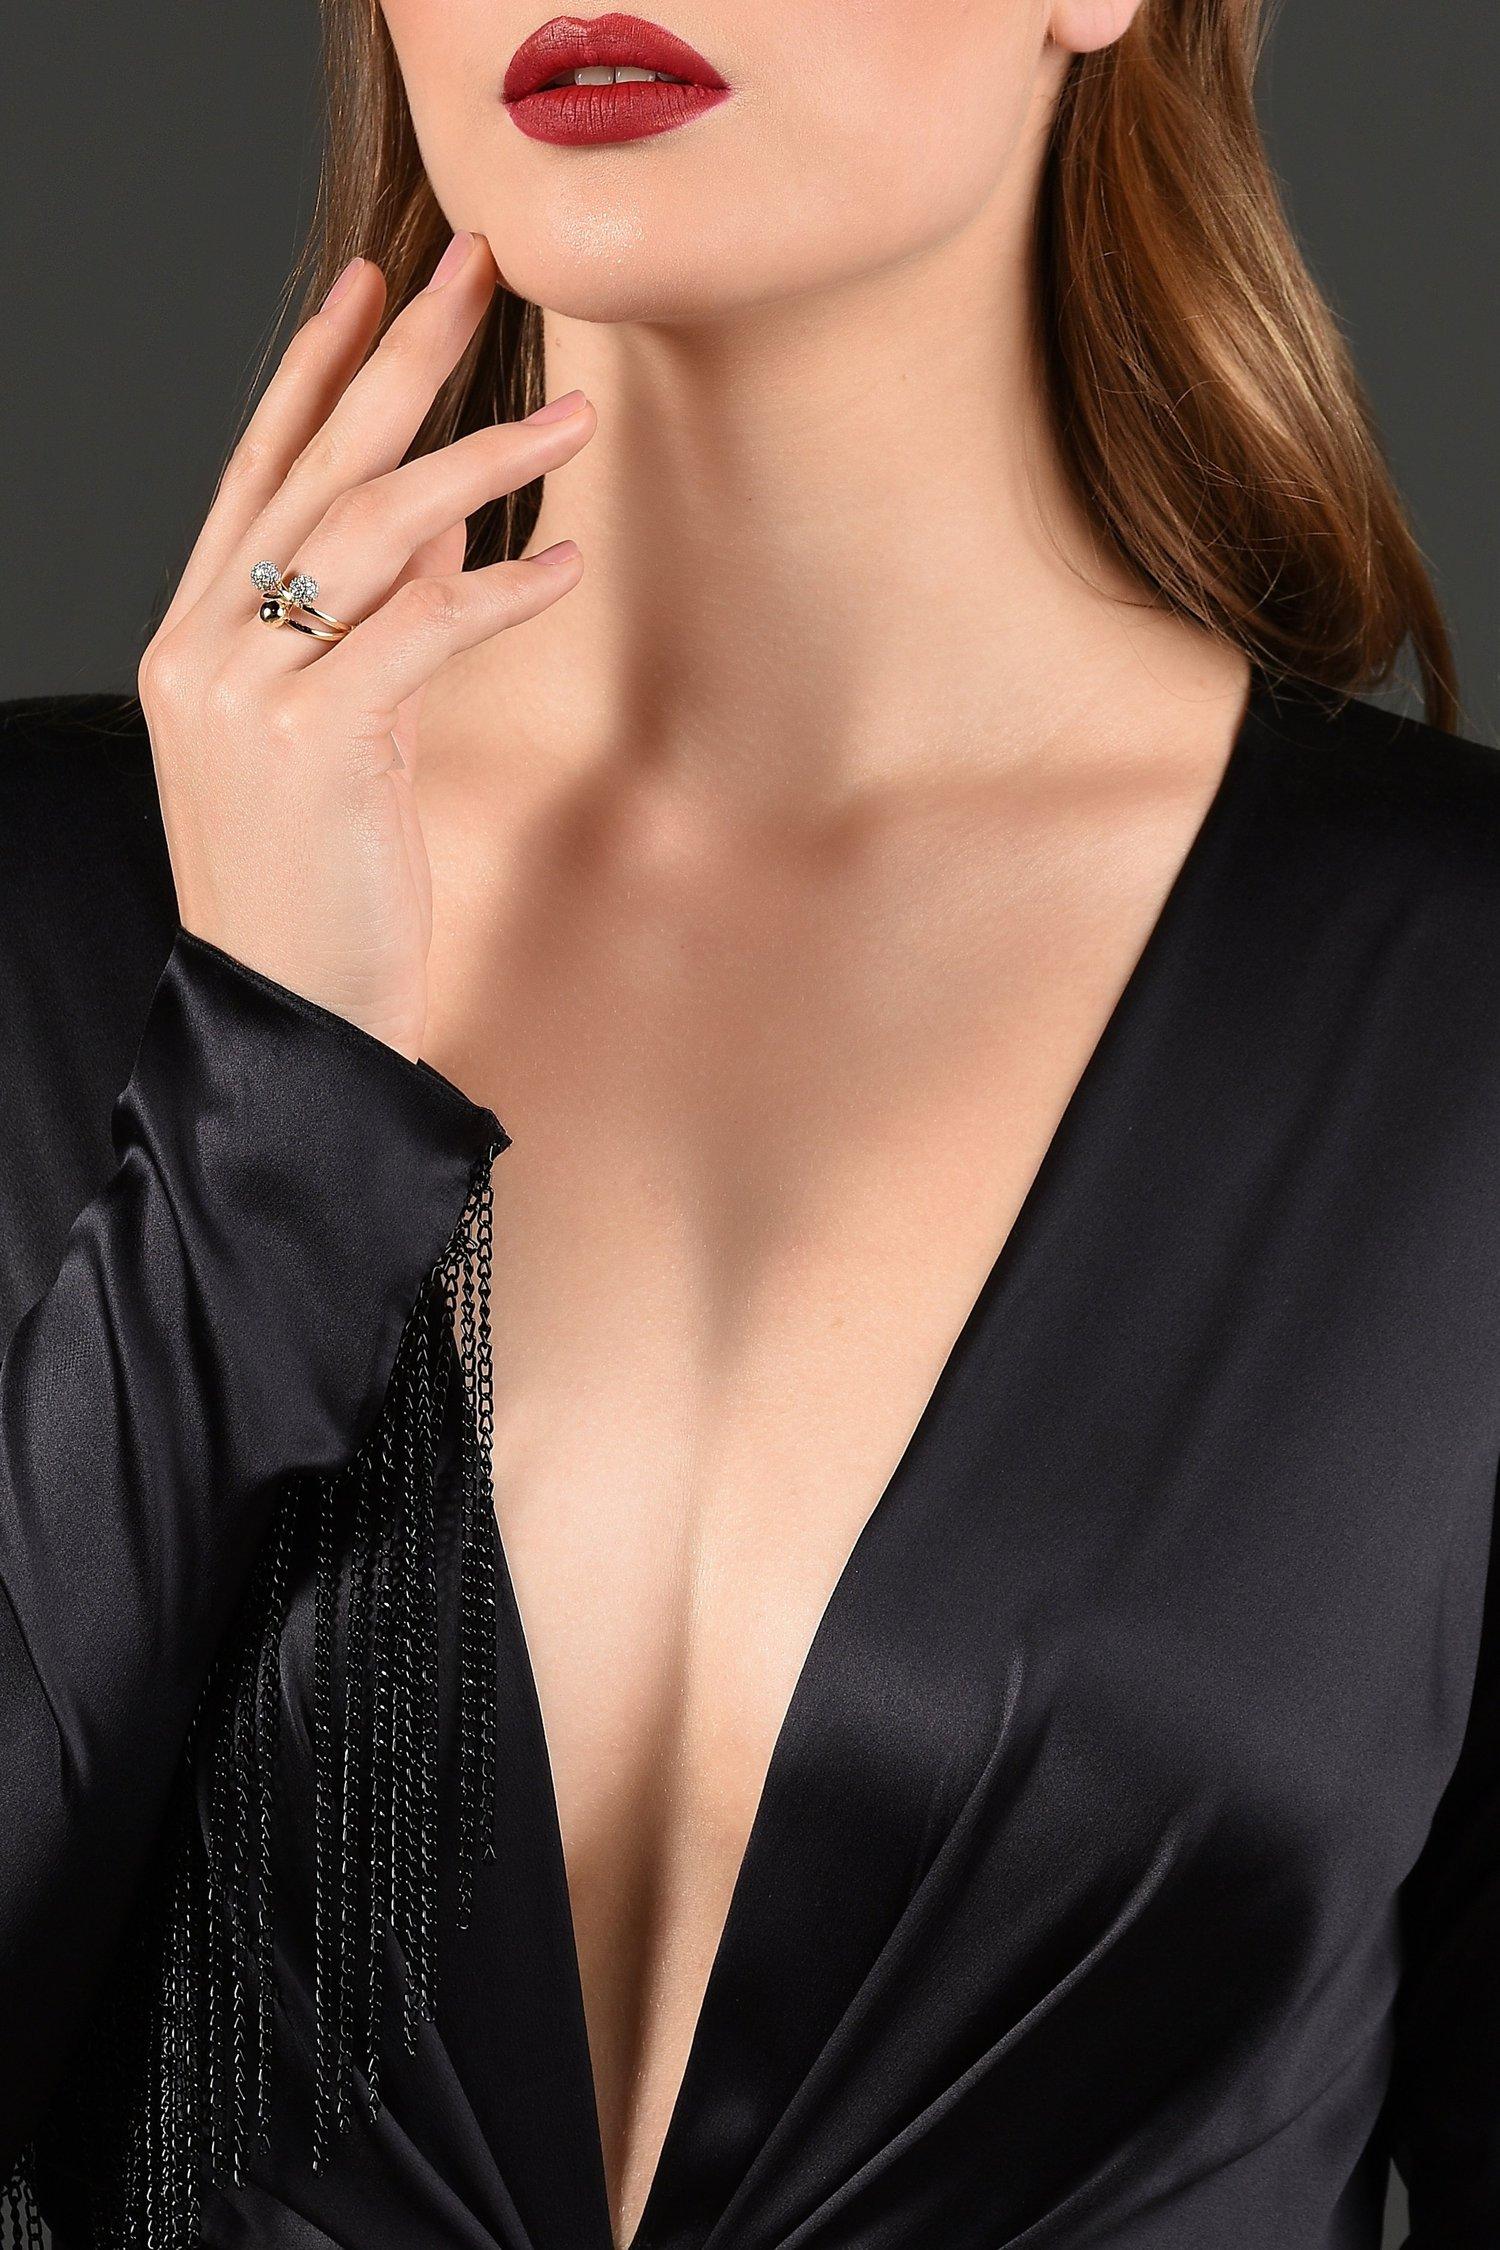 Dưỡng da vùng cổ-Cô gái mặc đầm đen.